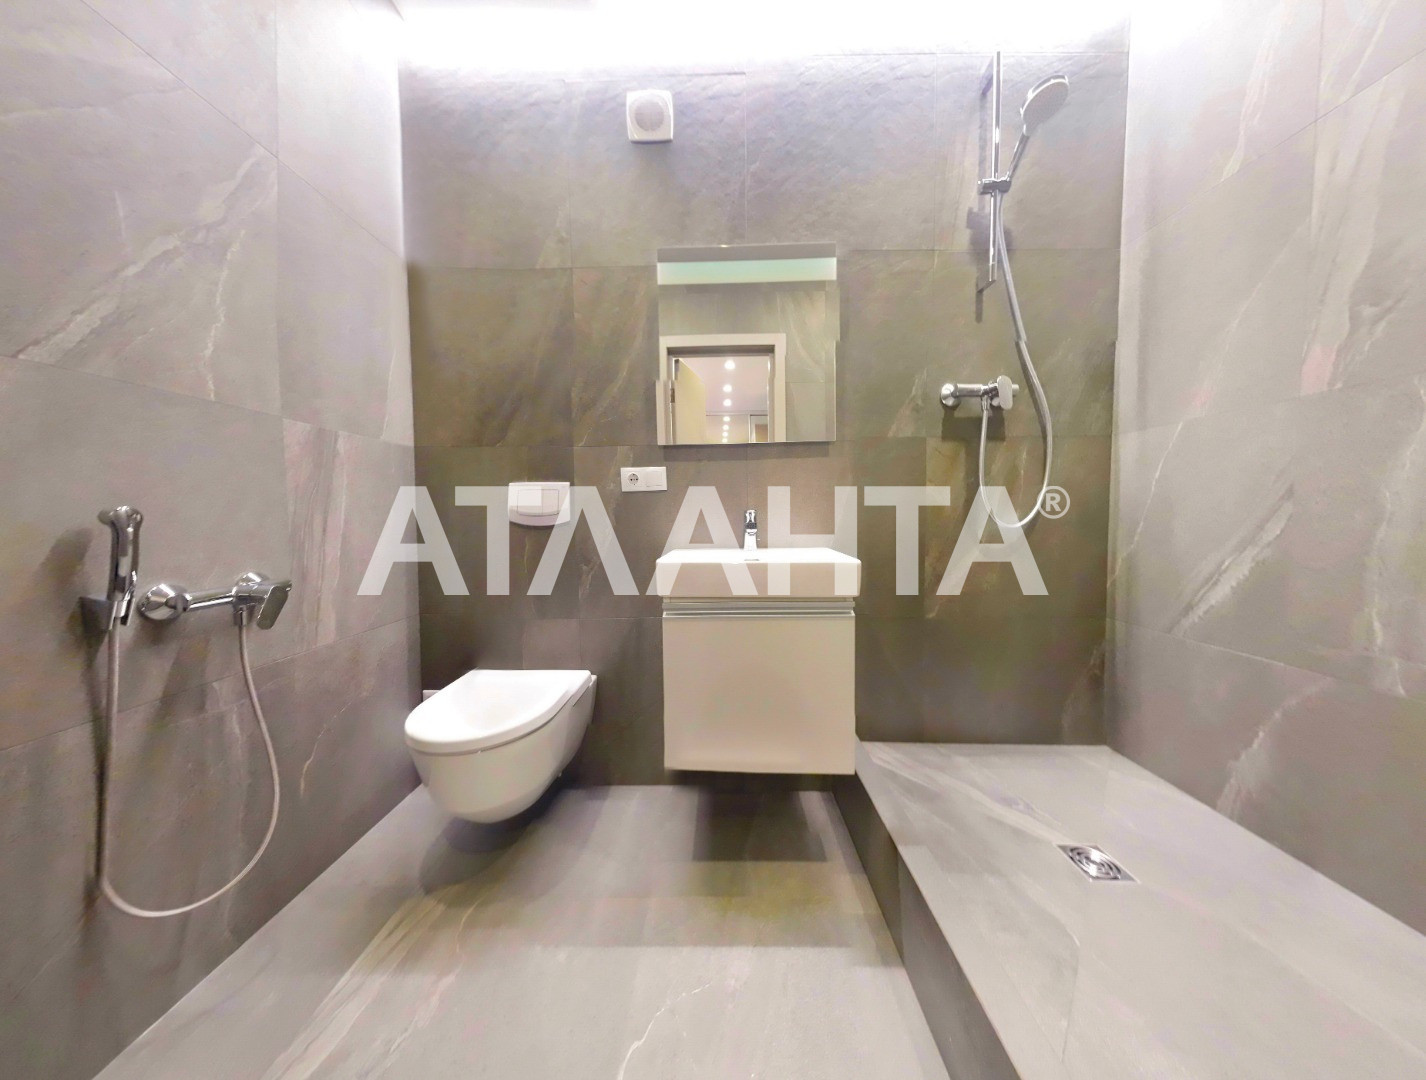 Продается 2-комнатная Квартира на ул. Конева — 86 000 у.е. (фото №5)